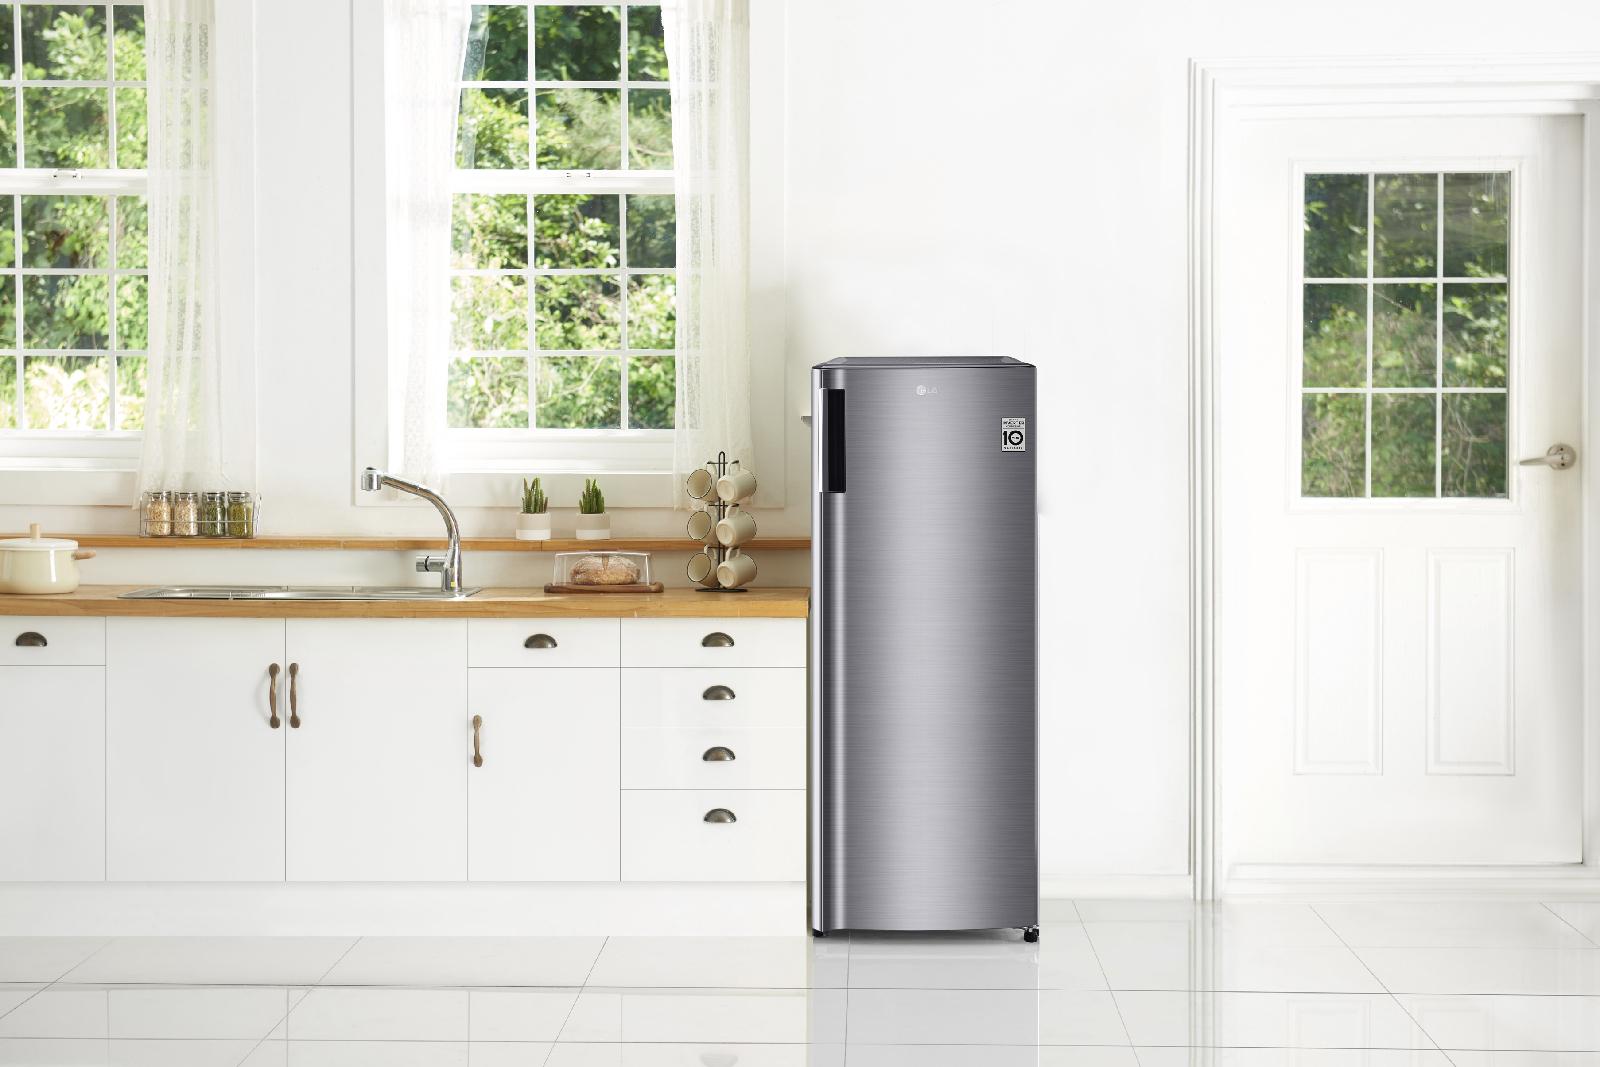 LG ชูนวัตกรรมสุดล้ำเพื่อคงความสดใหม่ของอาหารเปิดตัวตู้แช่แข็งรุ่นใหม่ ประหยัดพลังงานและพื้นที่ในการใช้สอย